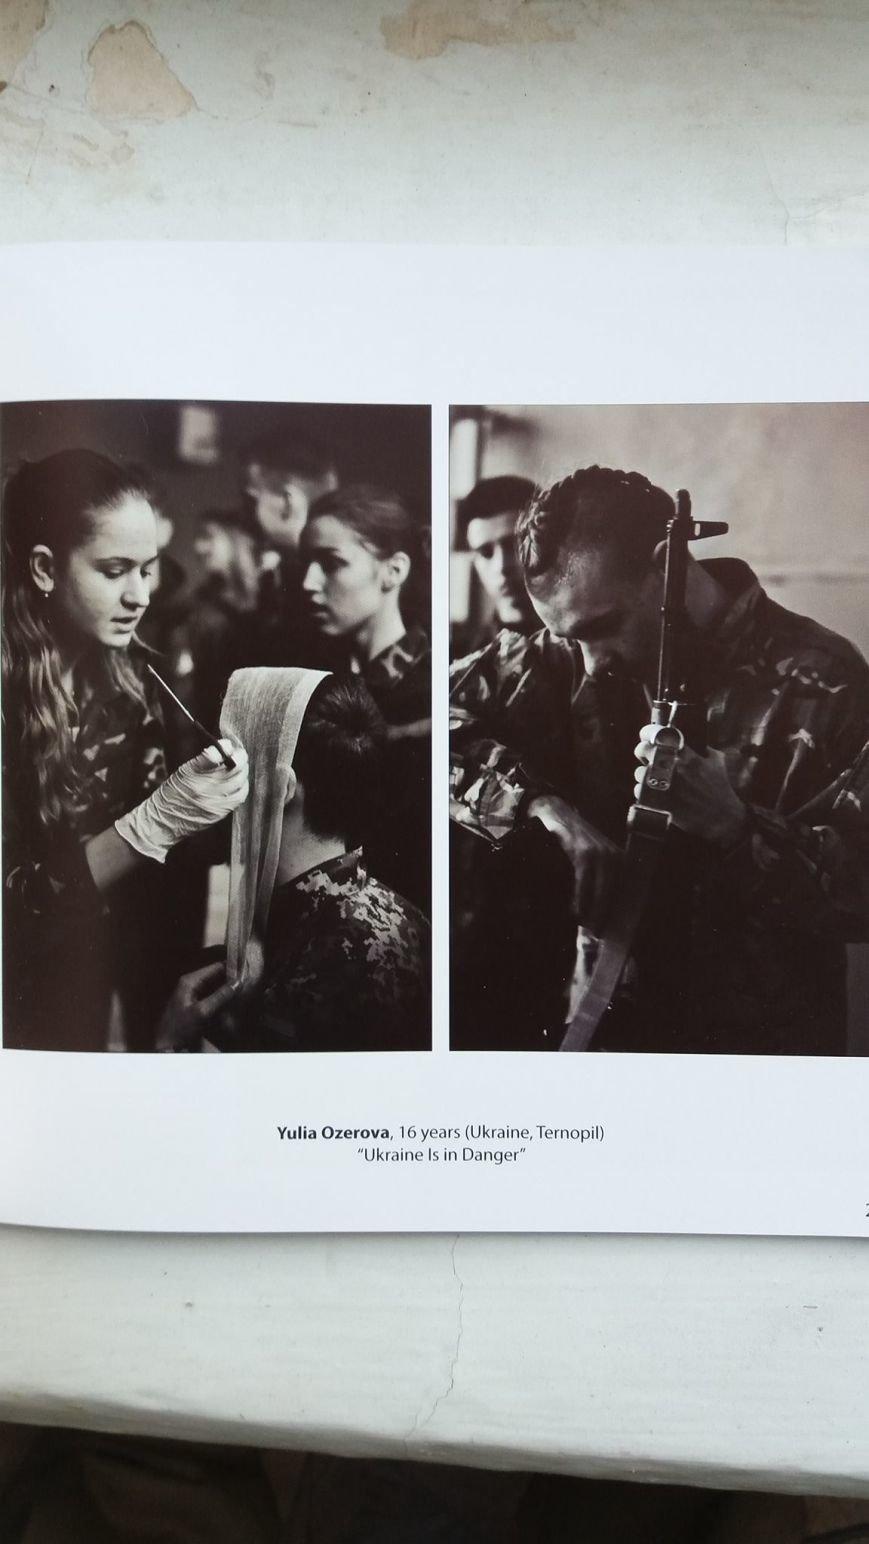 Фото 16-річних тернополянок увійшли до списку кращих робіт міжнародного конкурсу, фото-1